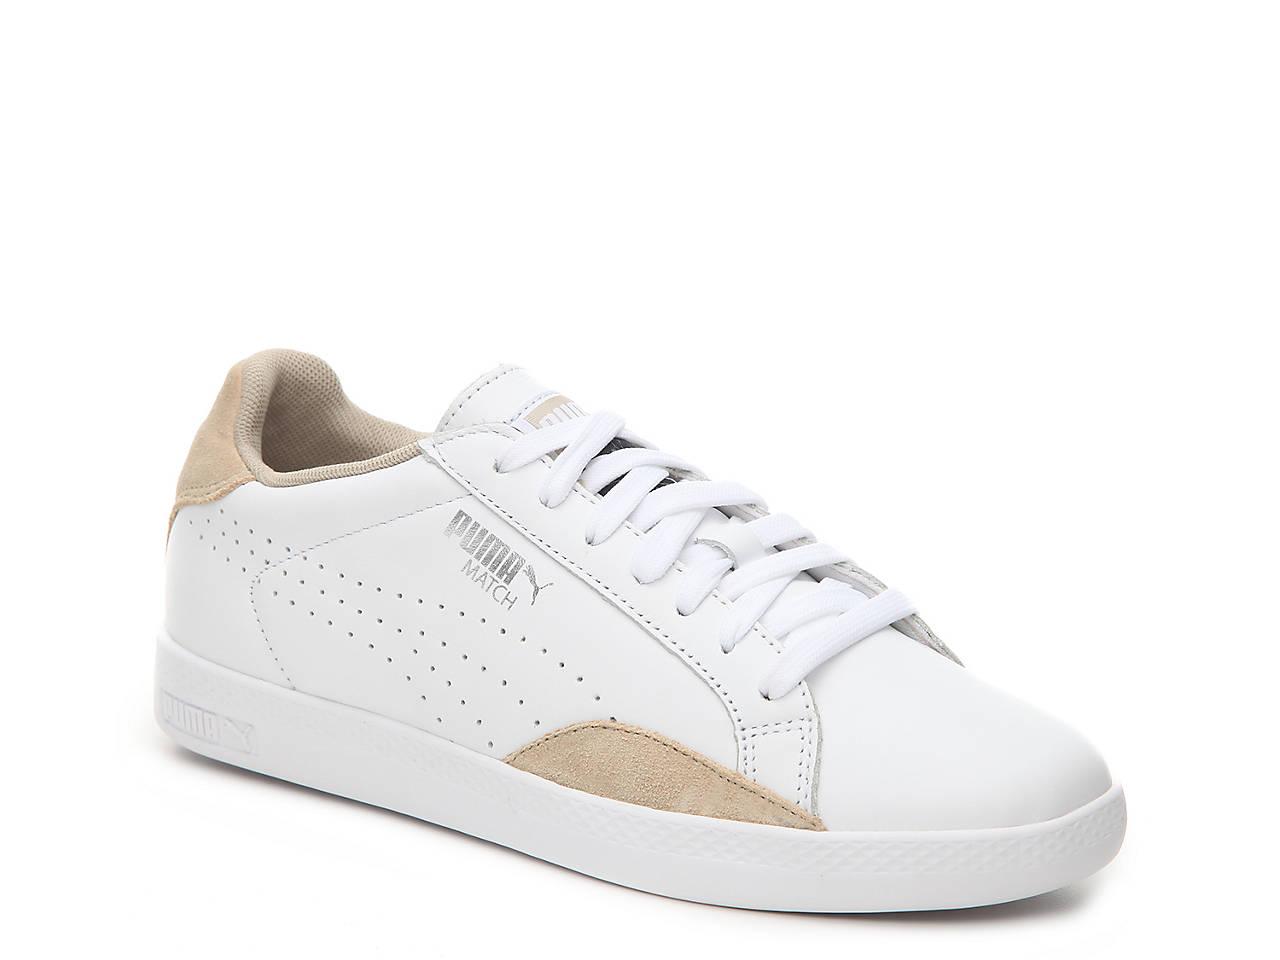 grande vente 713ff fd968 Match Lo Classic Sneaker - Women's